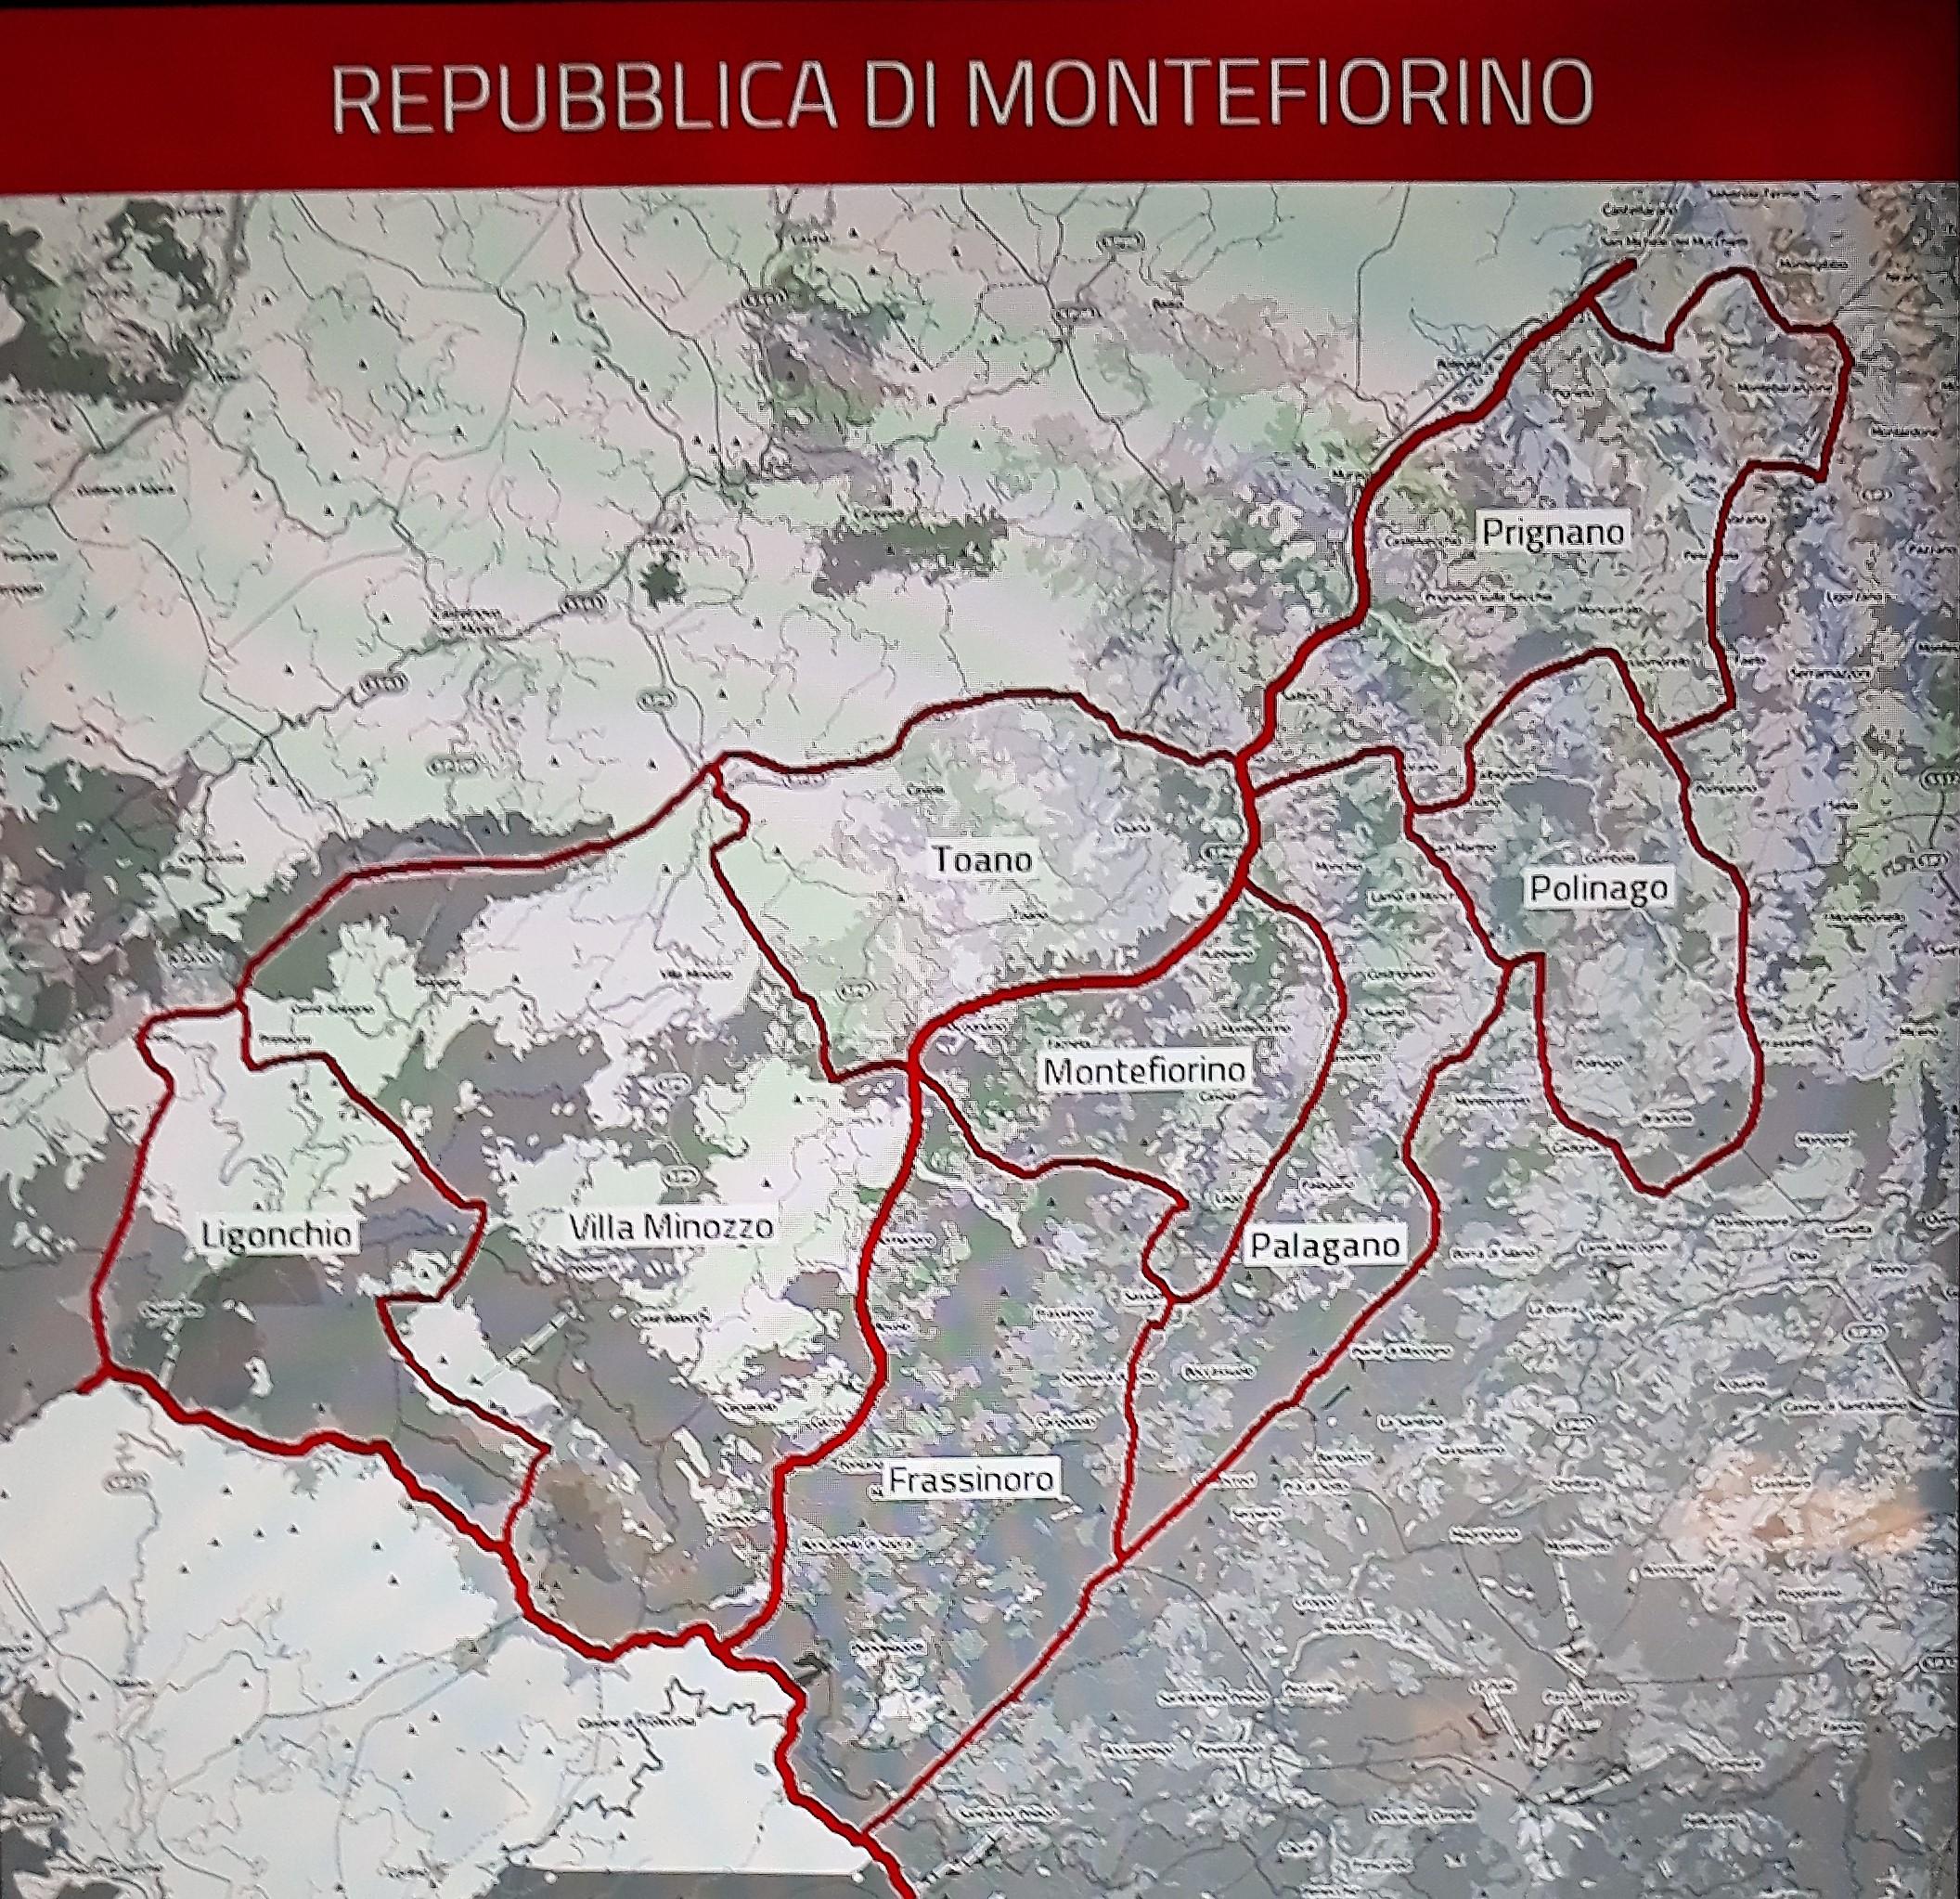 La Repubblica di Montefiorino